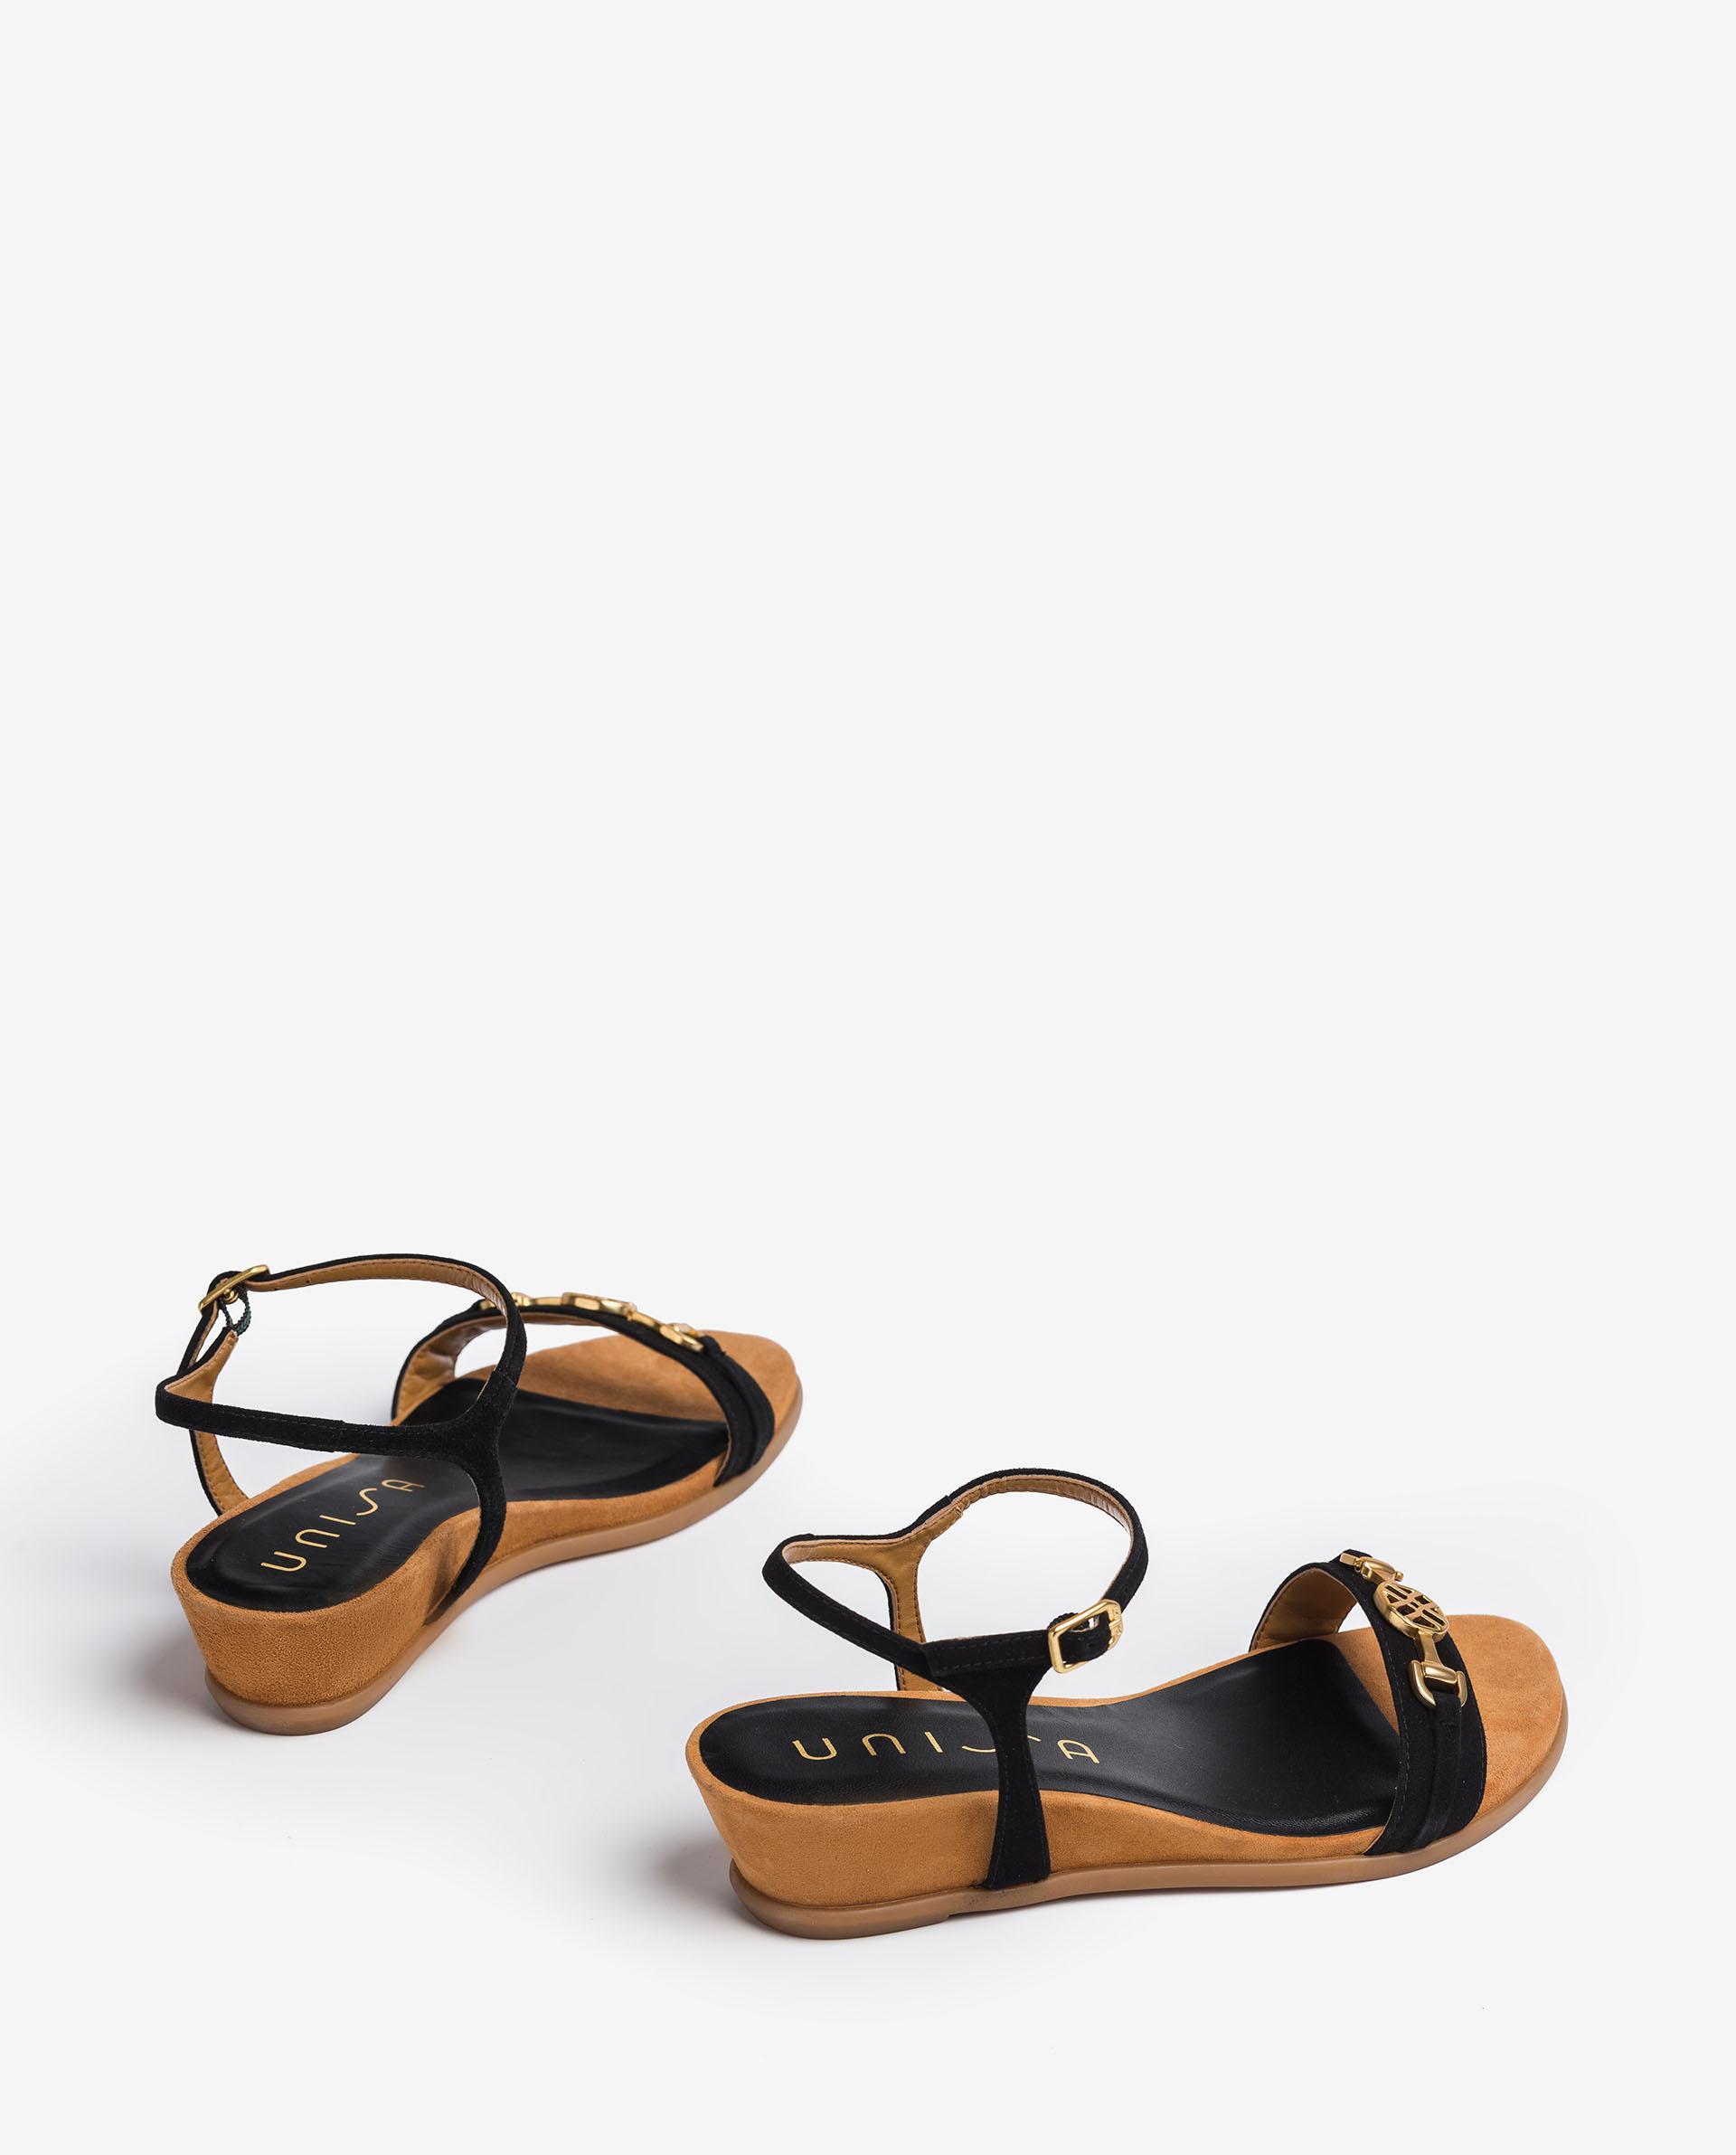 UNISA Thong sandals with monogram detail BENAFER_KS 2